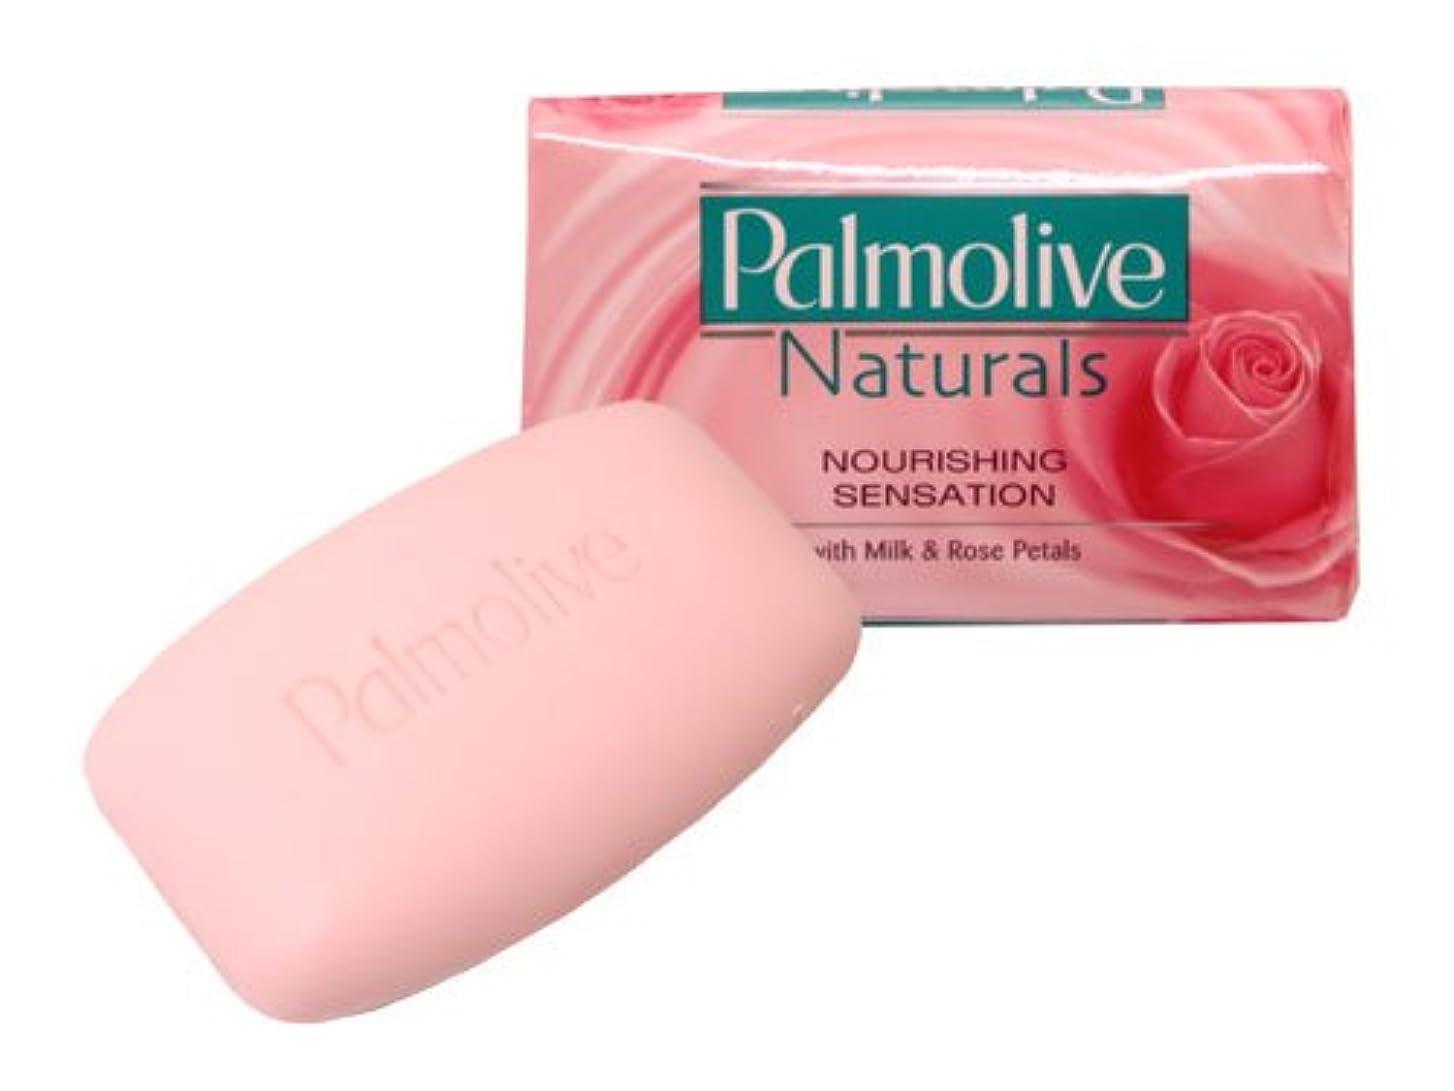 ぐるぐる海外上級【Palmolive】パルモリーブ ナチュラルズ石鹸3個パック(ミルク&ローズ)